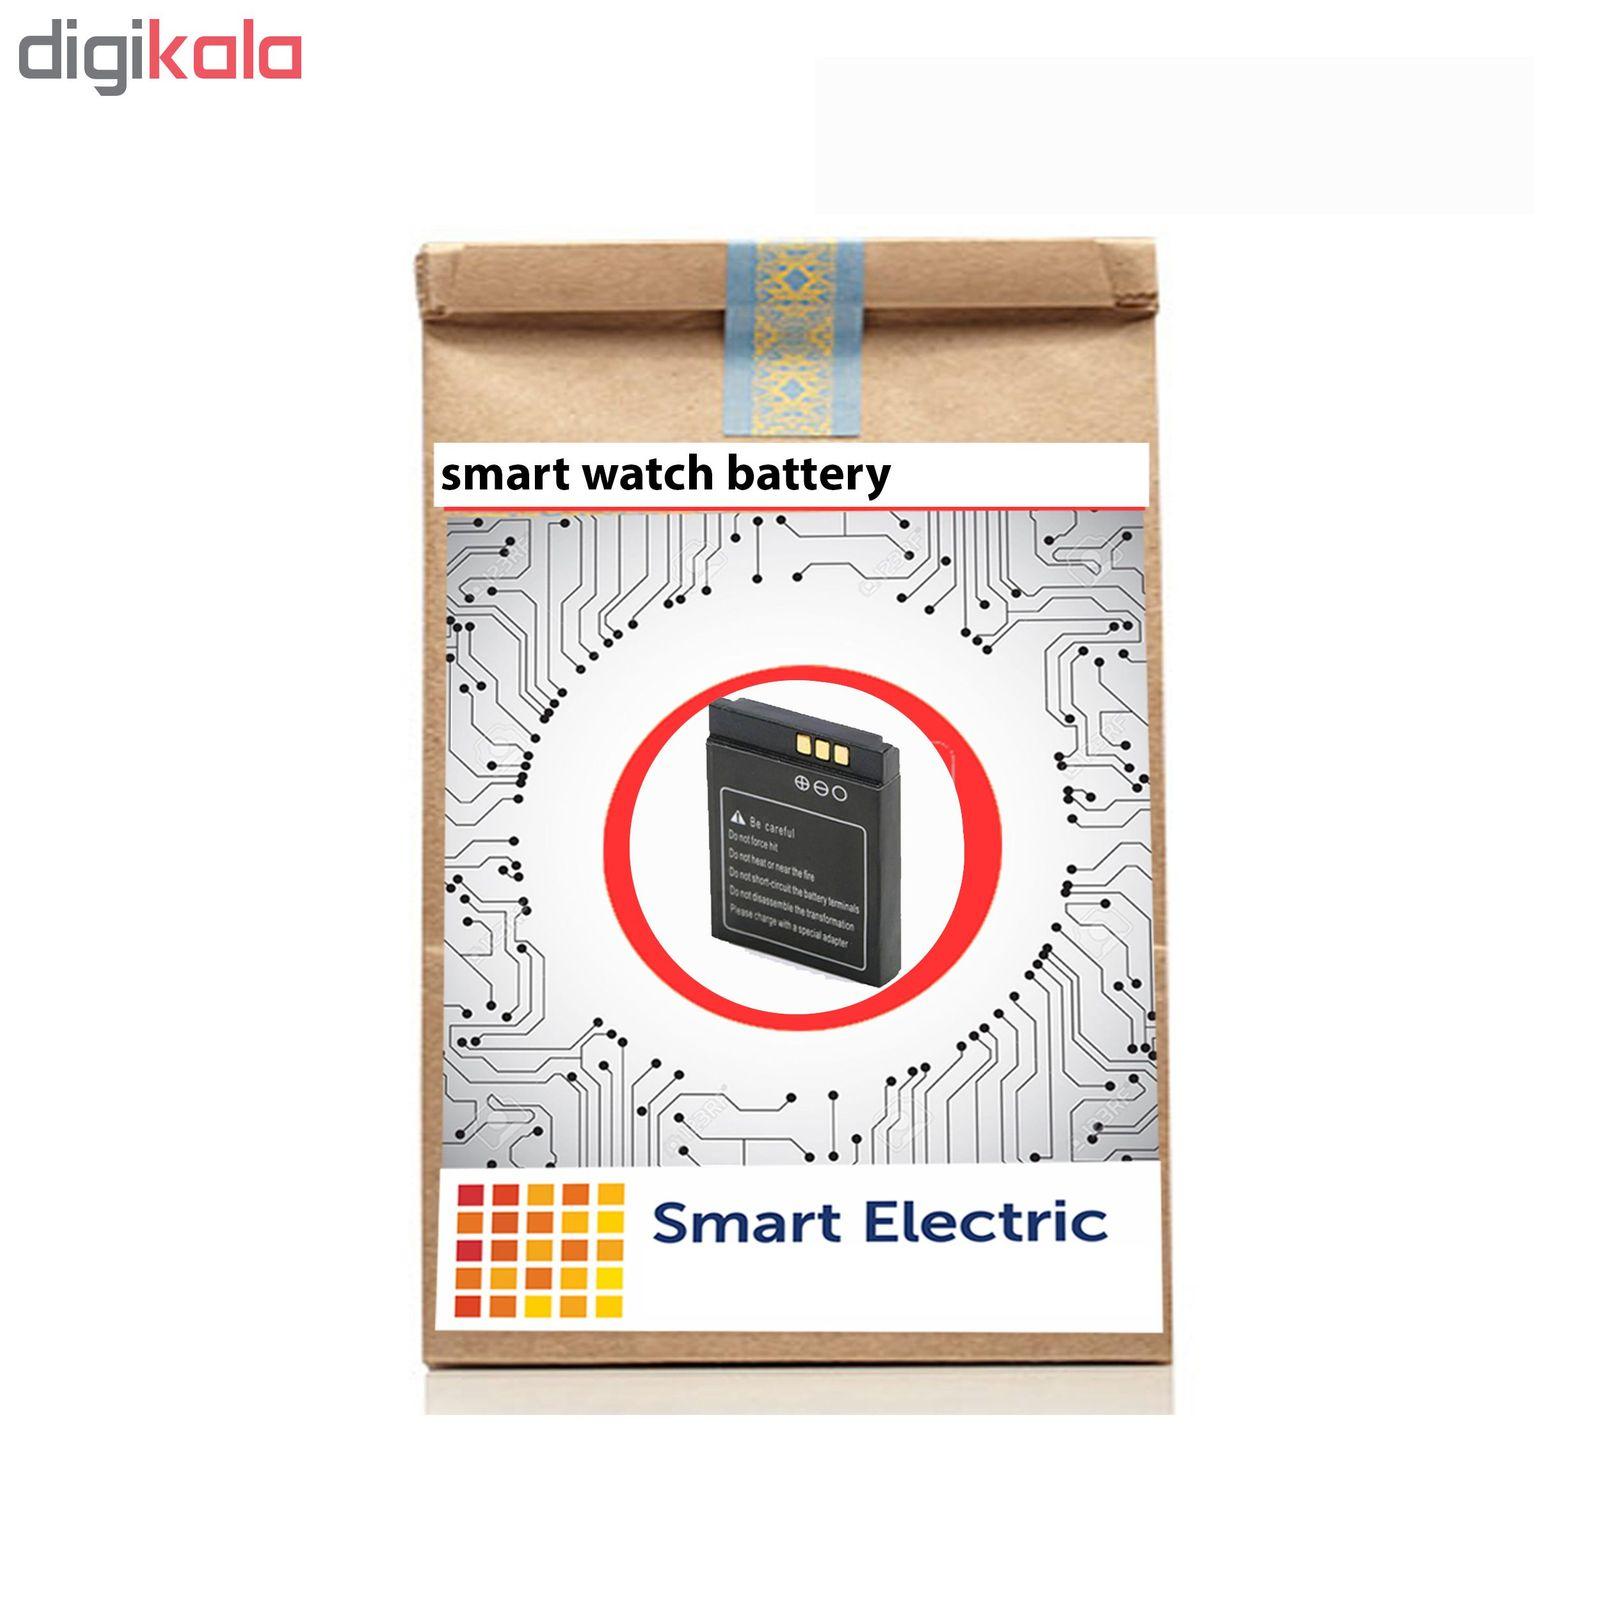 ساعت هوشمند نوا مدل A1 به همراه باتری اضافه اسمارت الکتریک main 1 6